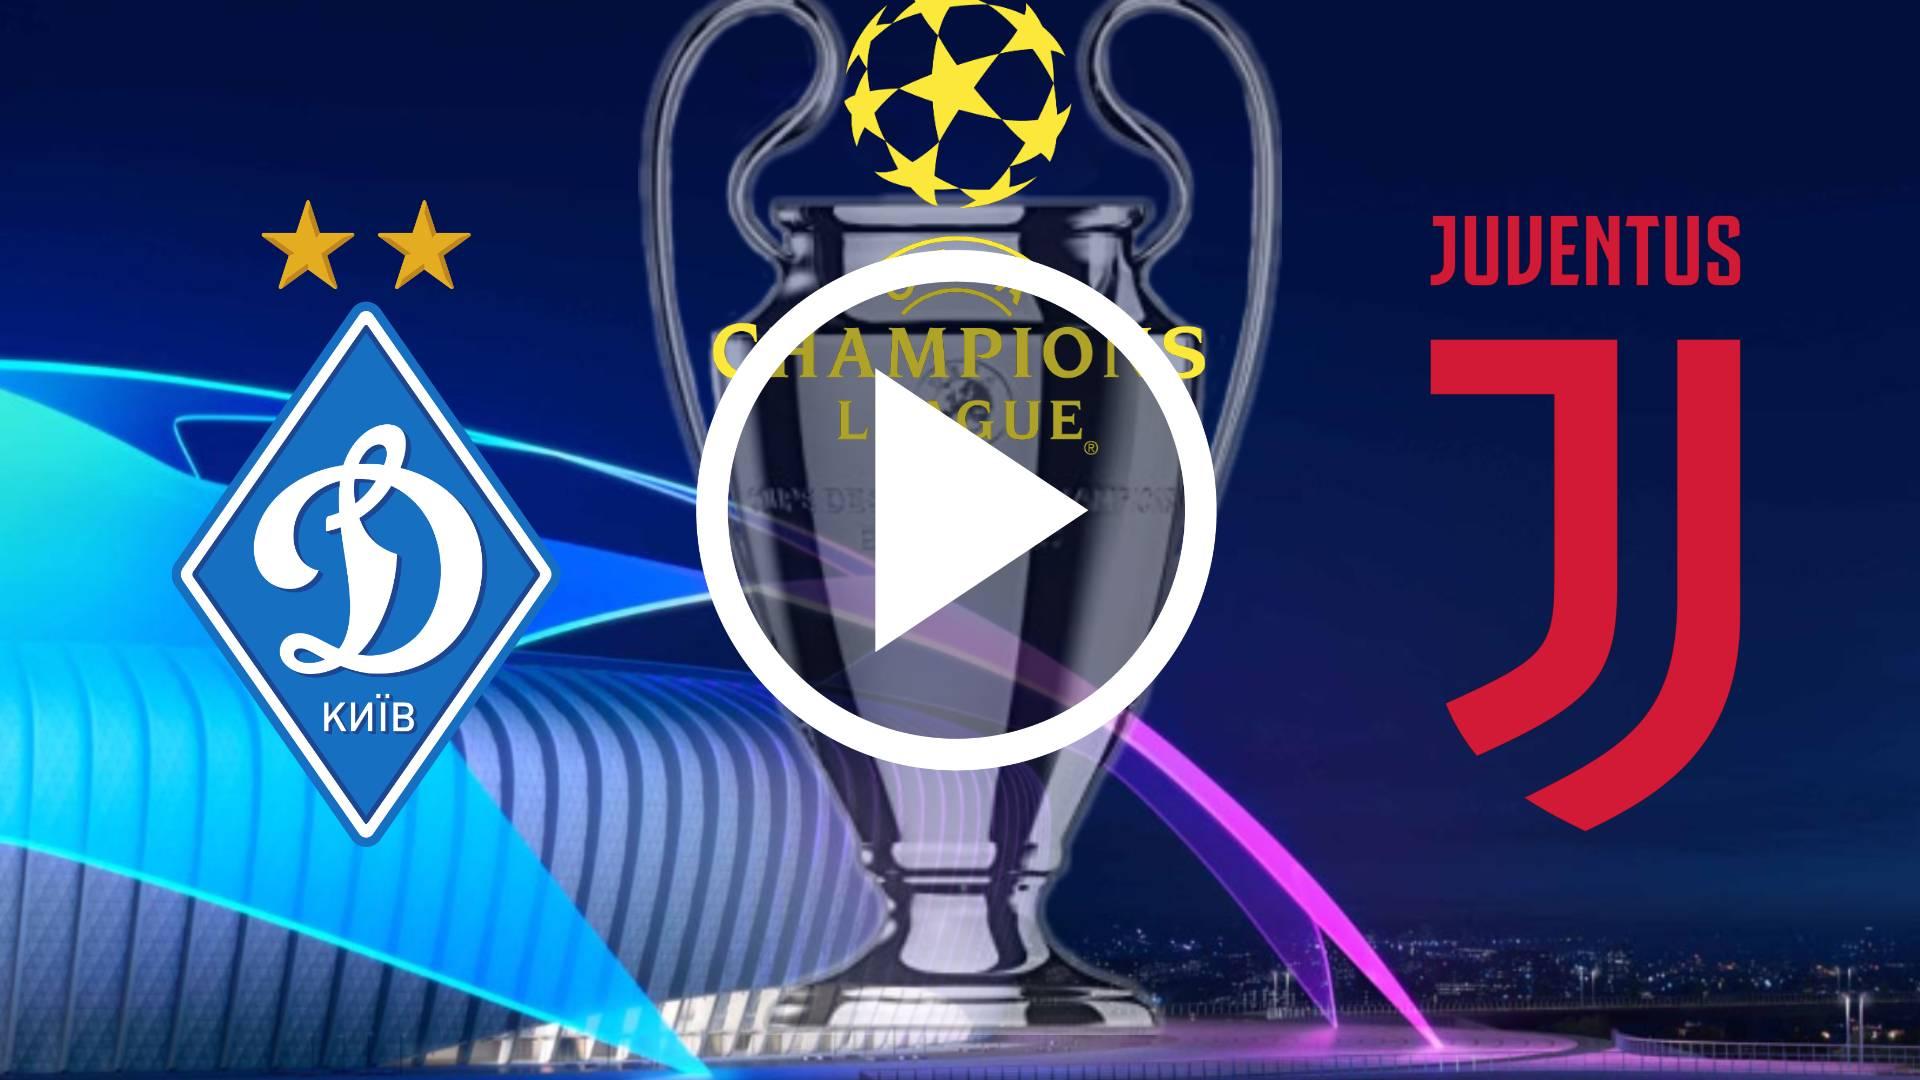 MIRA AQUI EN DIRECTO Dynamo de Kyiv vs Juventus Live Stream fecha, horarios y canales de TV para ver la Champions League 2020